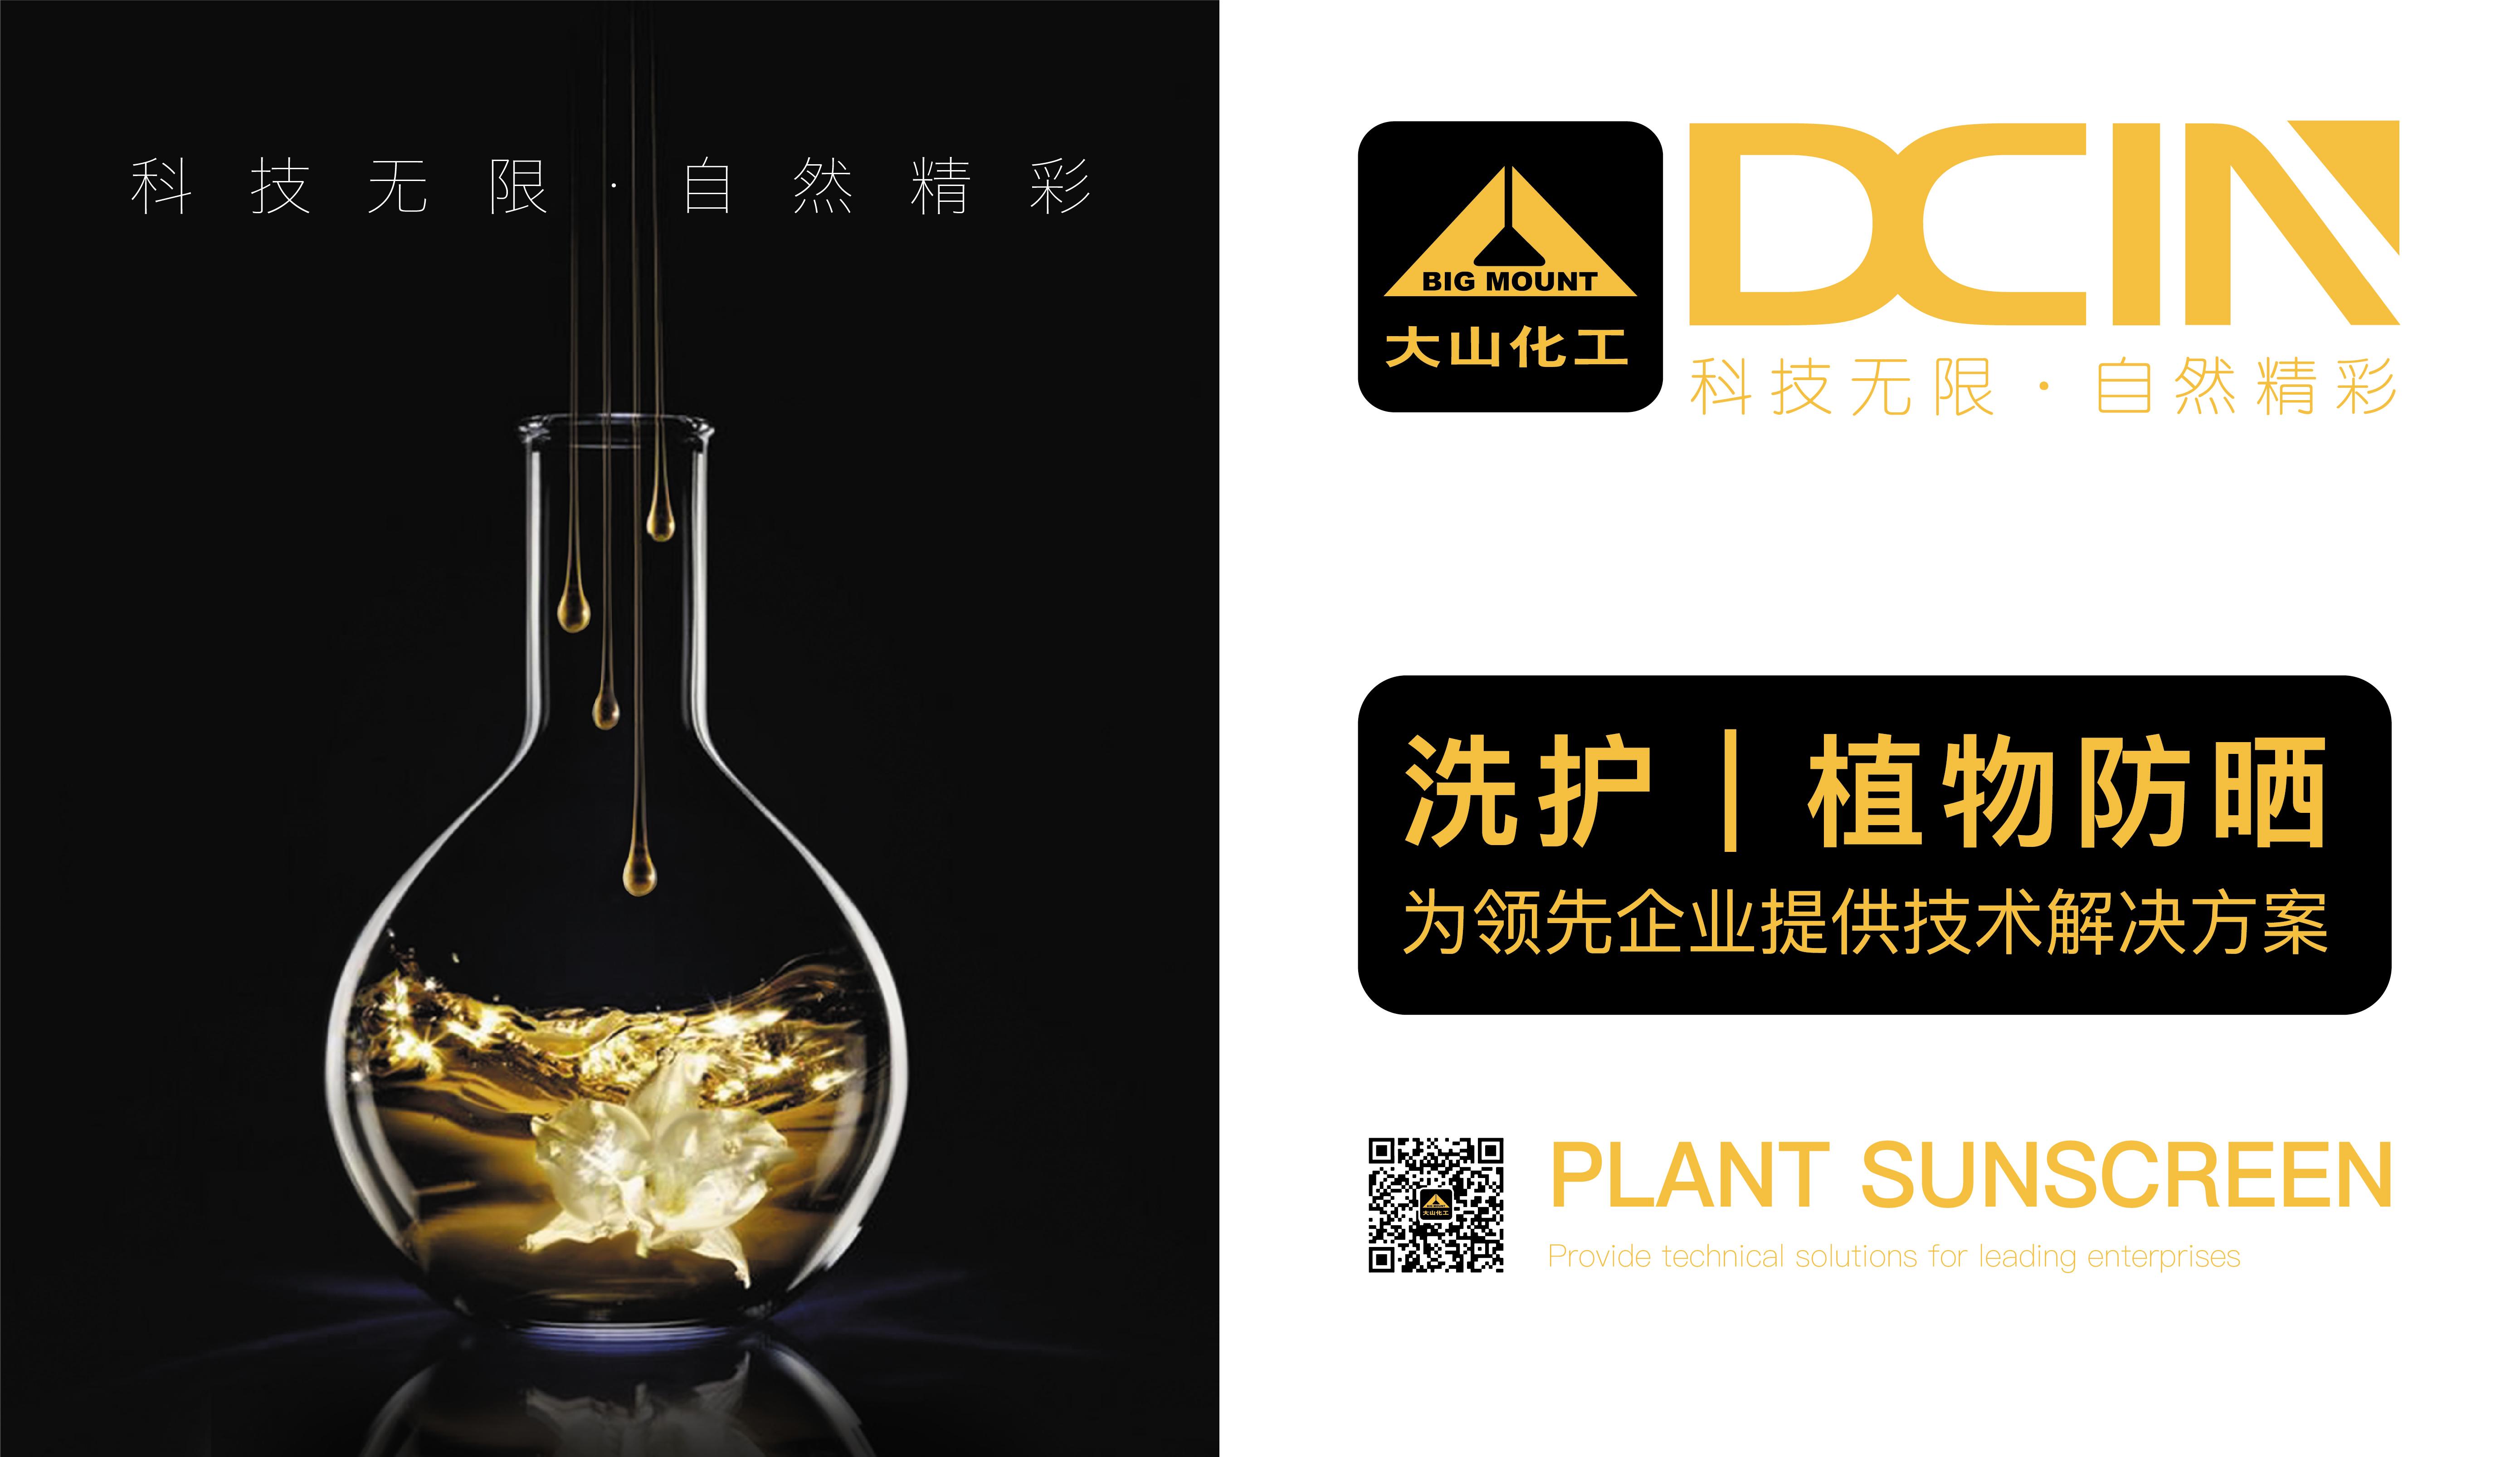 大山-做中国最有价值的日化原料供应商